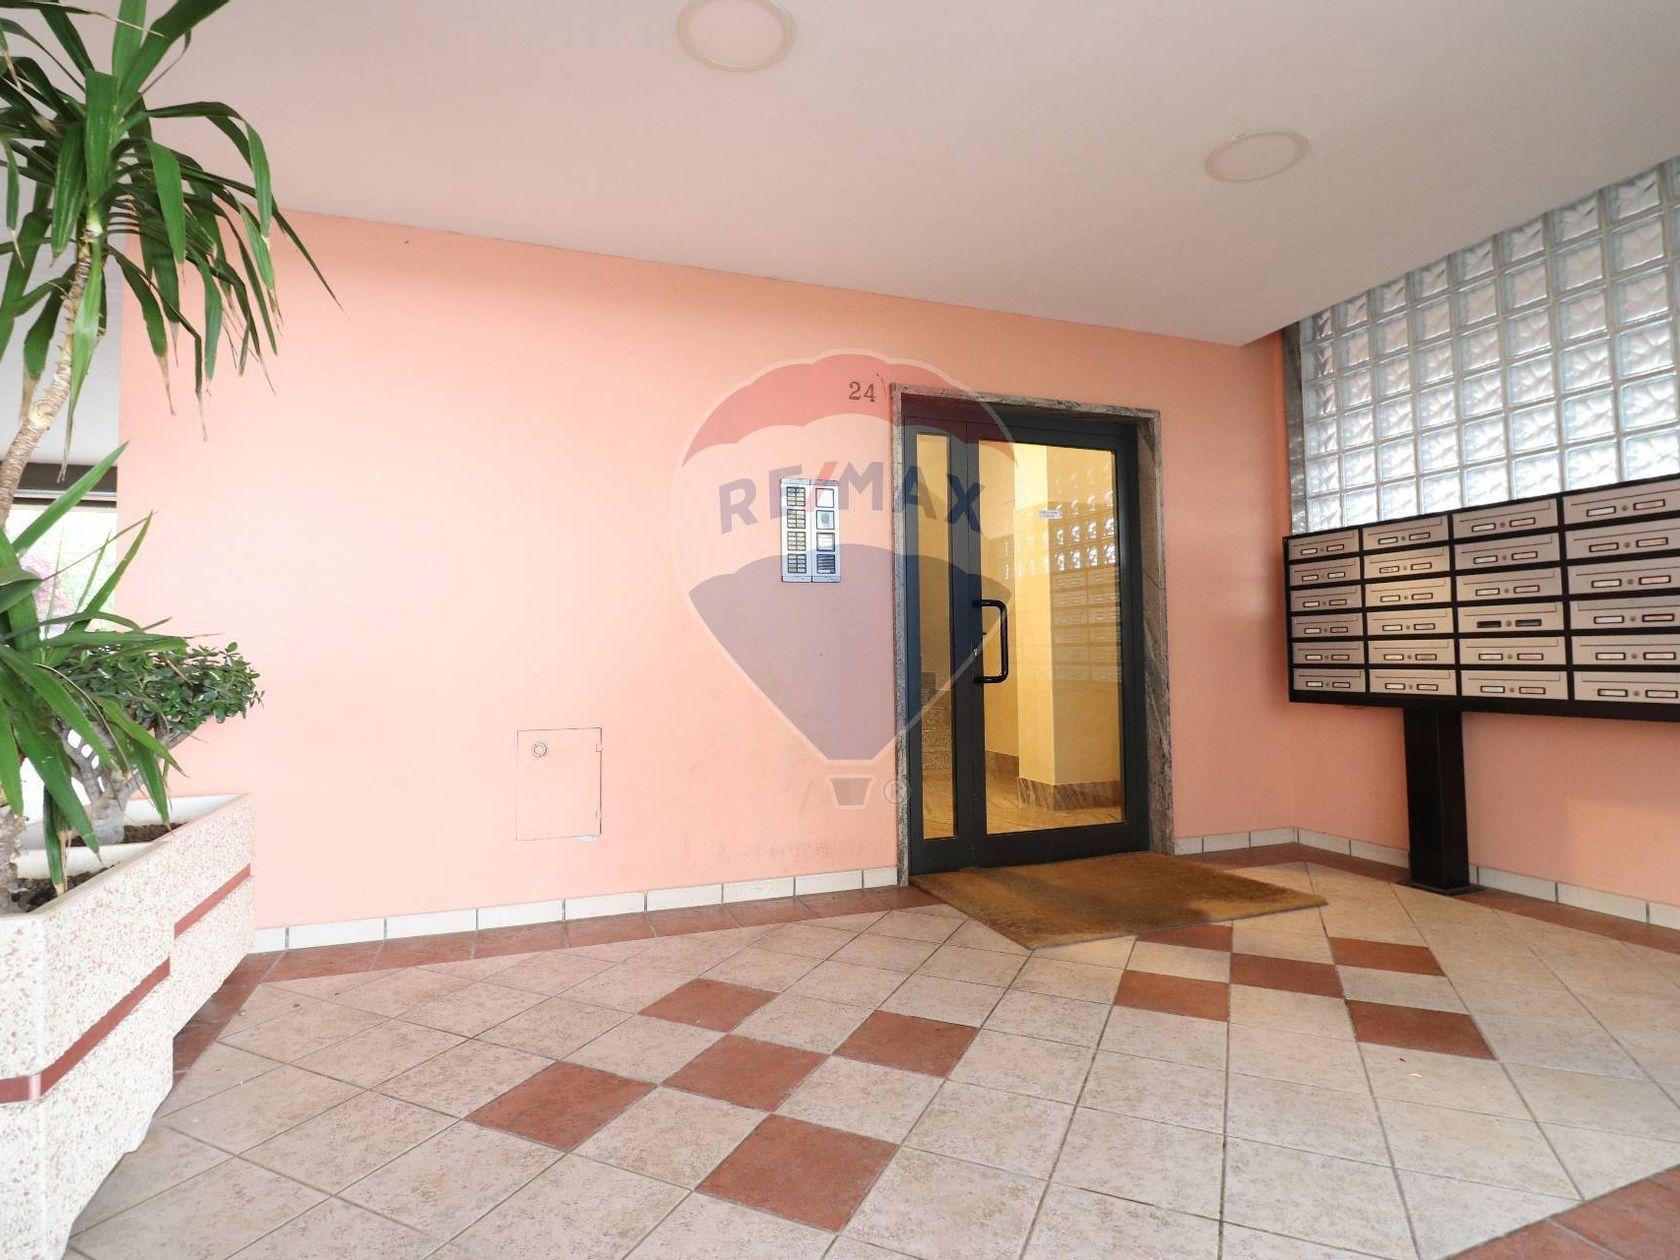 Appartamento Carbonara - Ceglie, Bari, BA Vendita - Foto 10